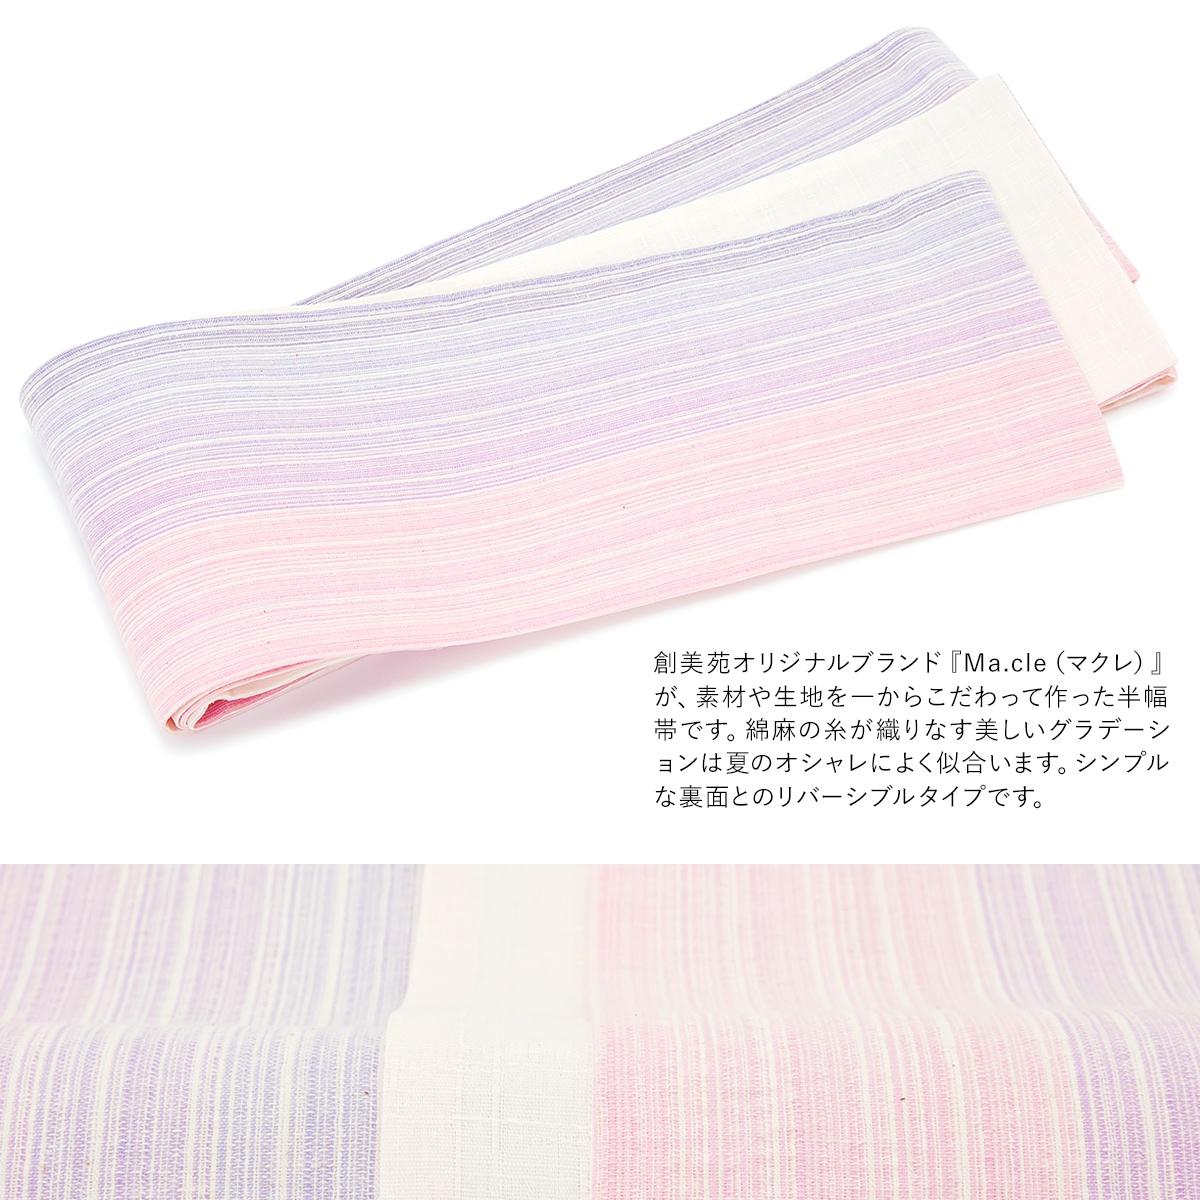 綿麻素材の浴衣帯